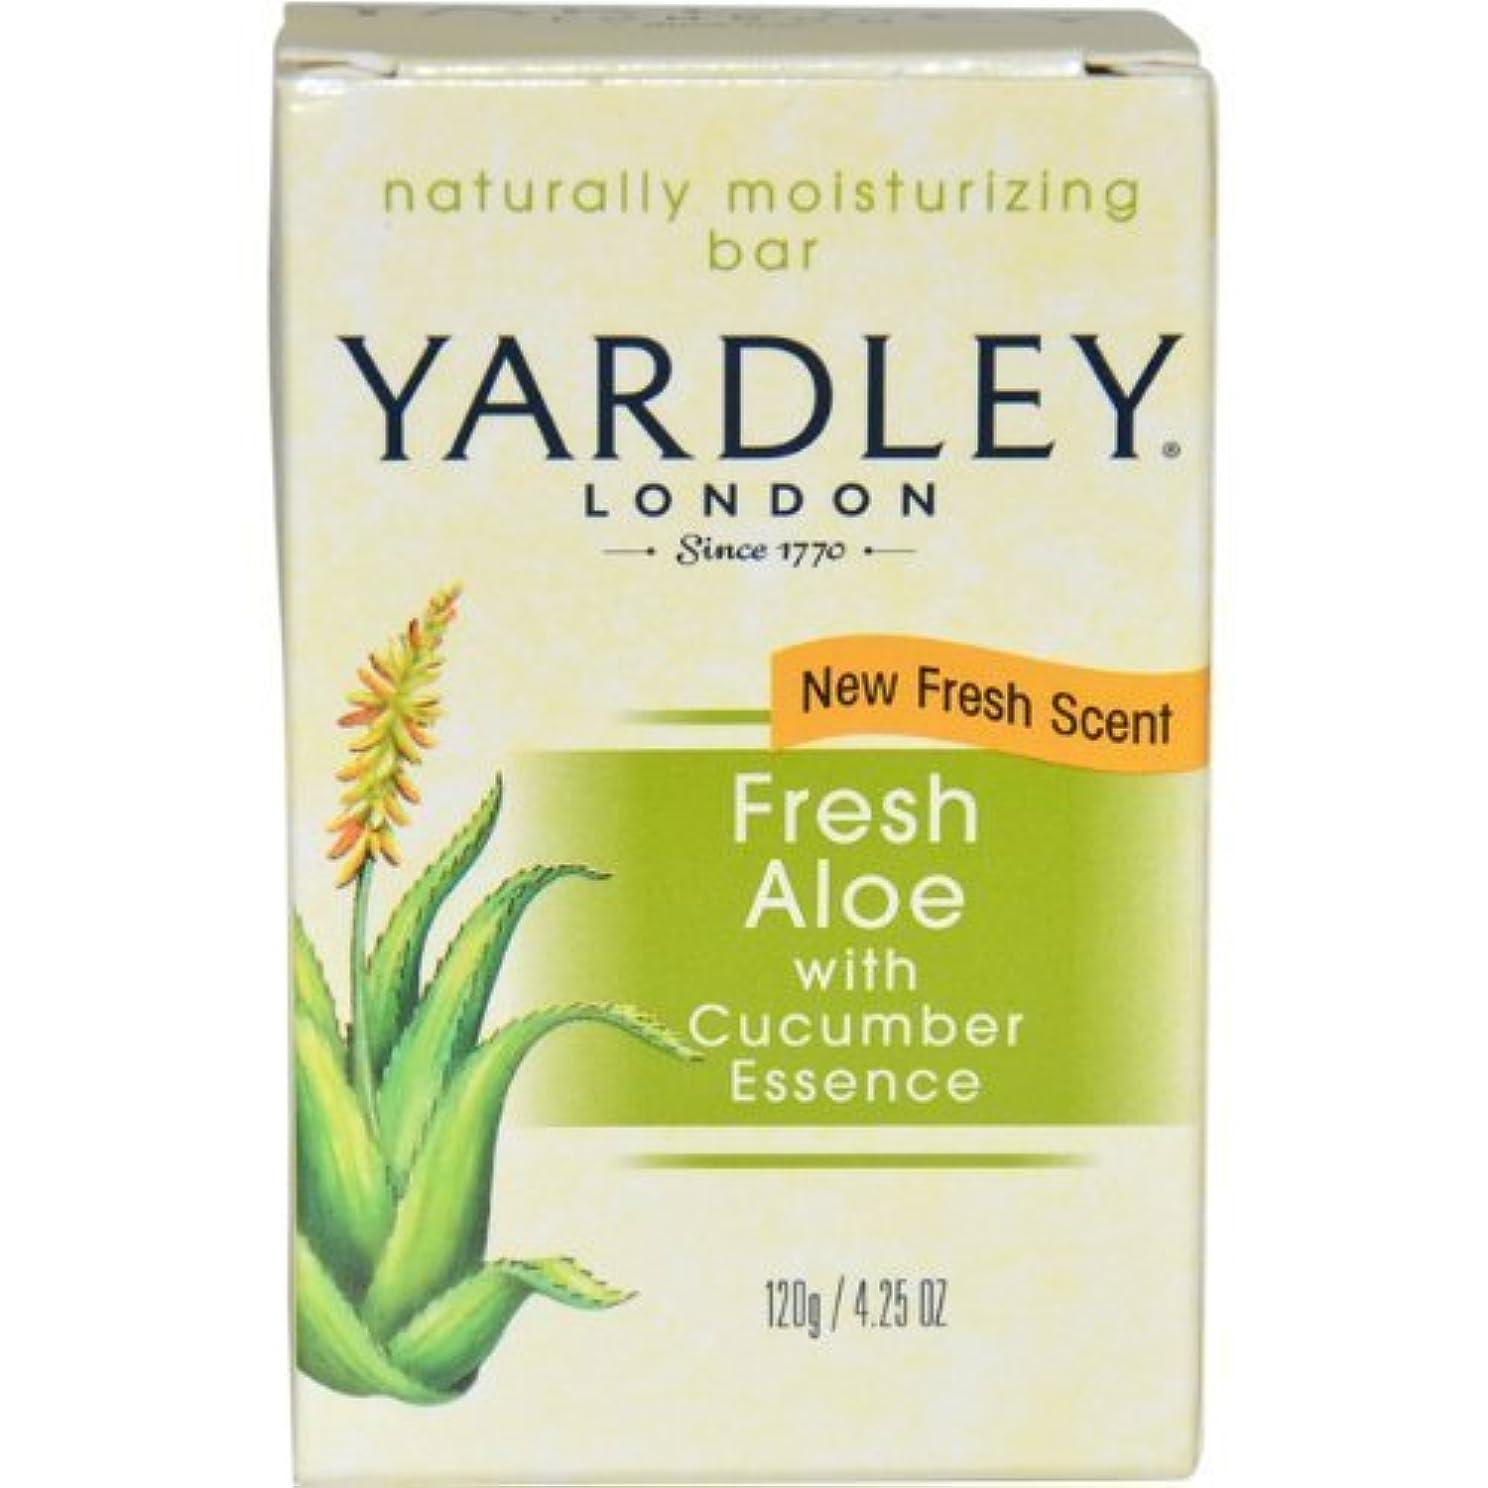 花嫁年金憂慮すべきFresh Aloe with Cucumber Essence Bar Soap Soap Unisex by Yardley, 4.25 Ounce (Packaging May Vary) by Yardley [...